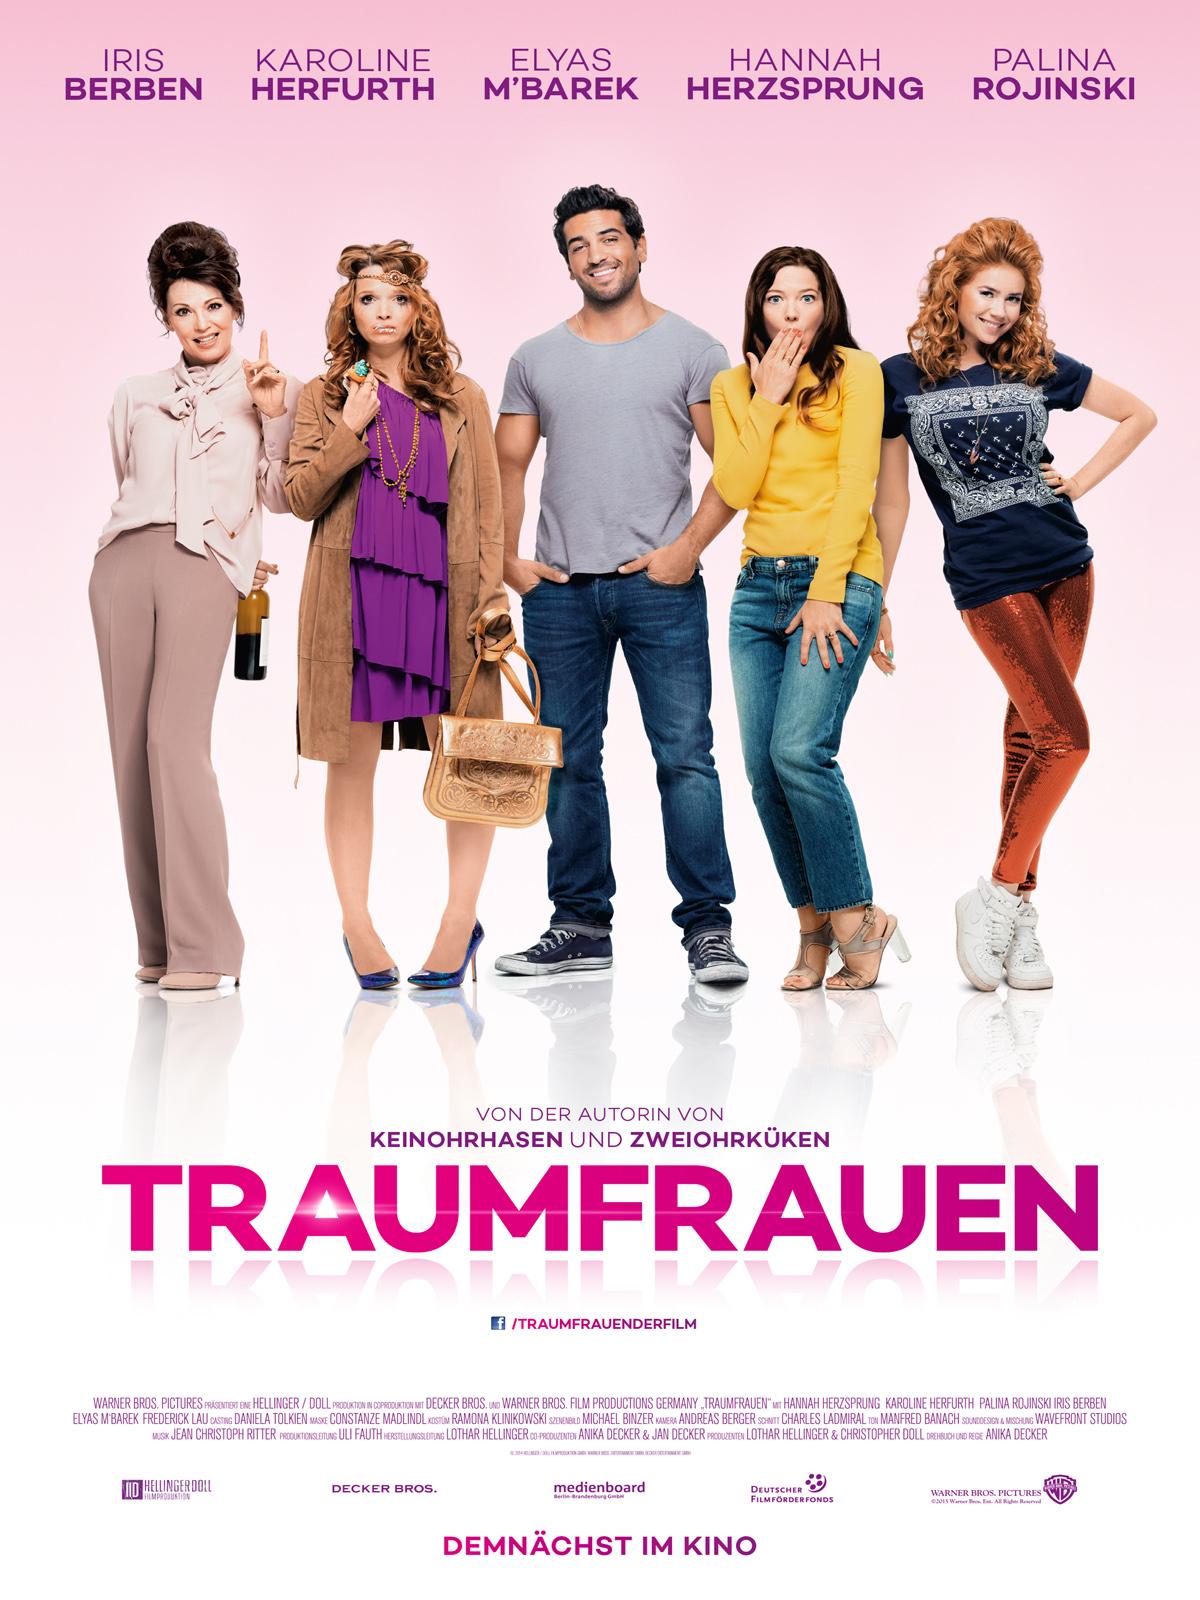 Deutsche film sehen online dating 7